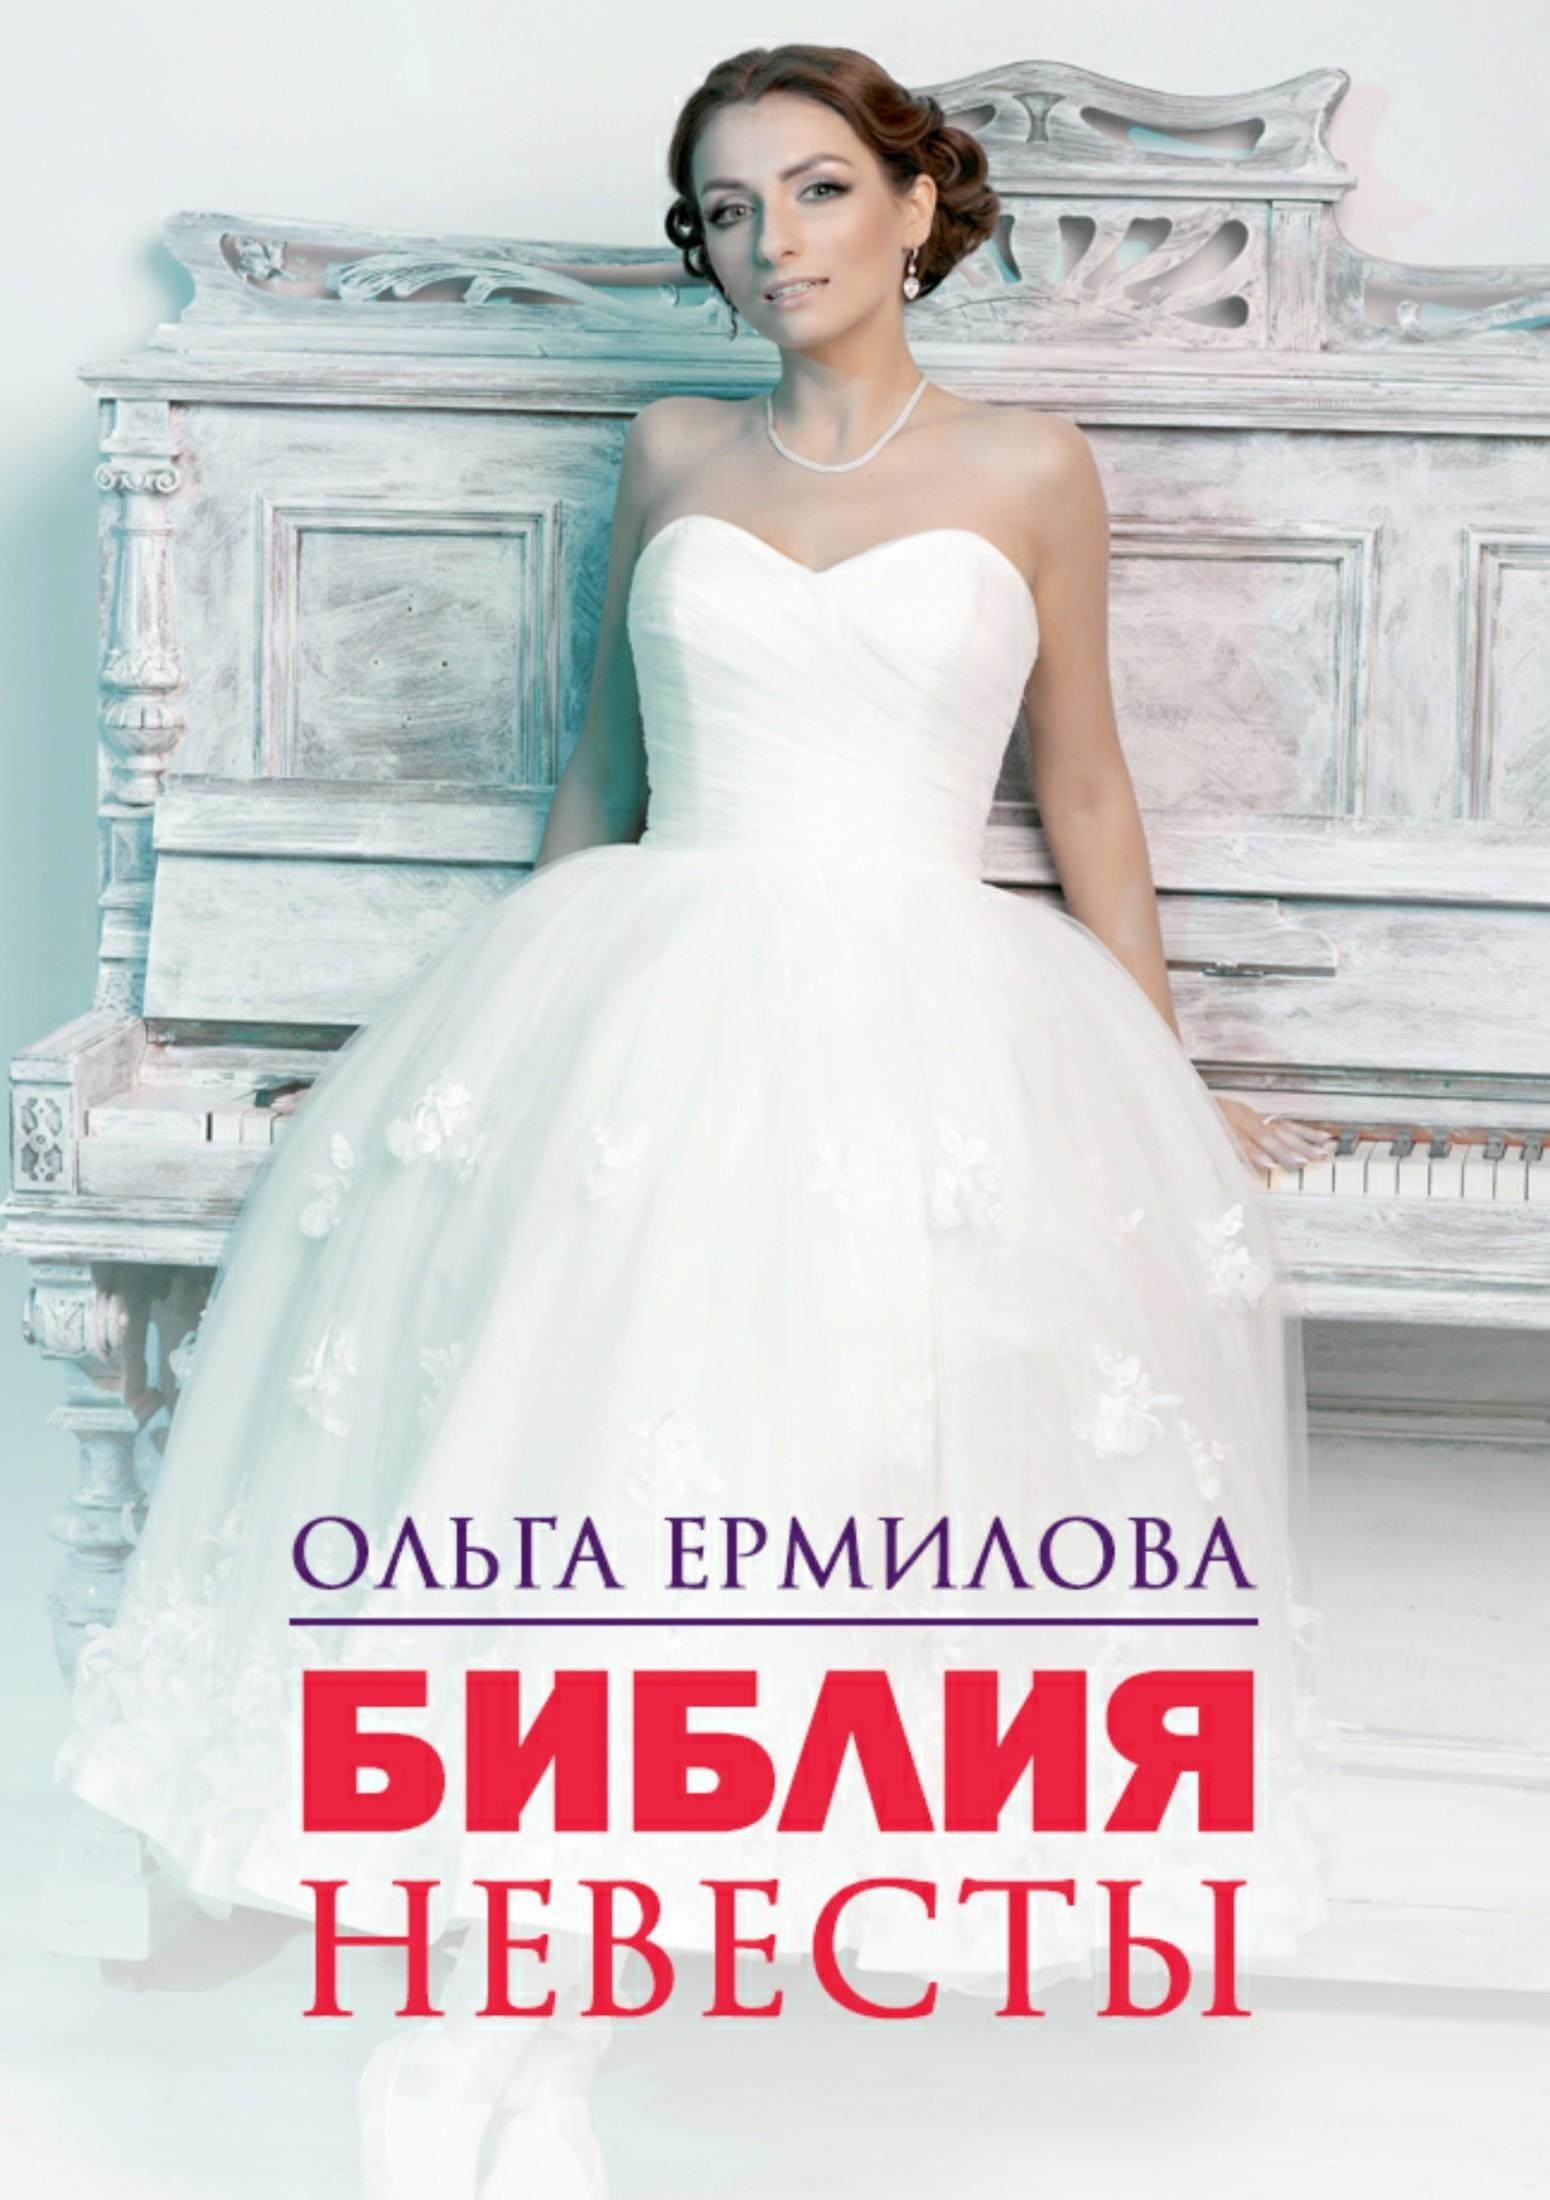 Обложка книги. Автор - Ольга Ермилова